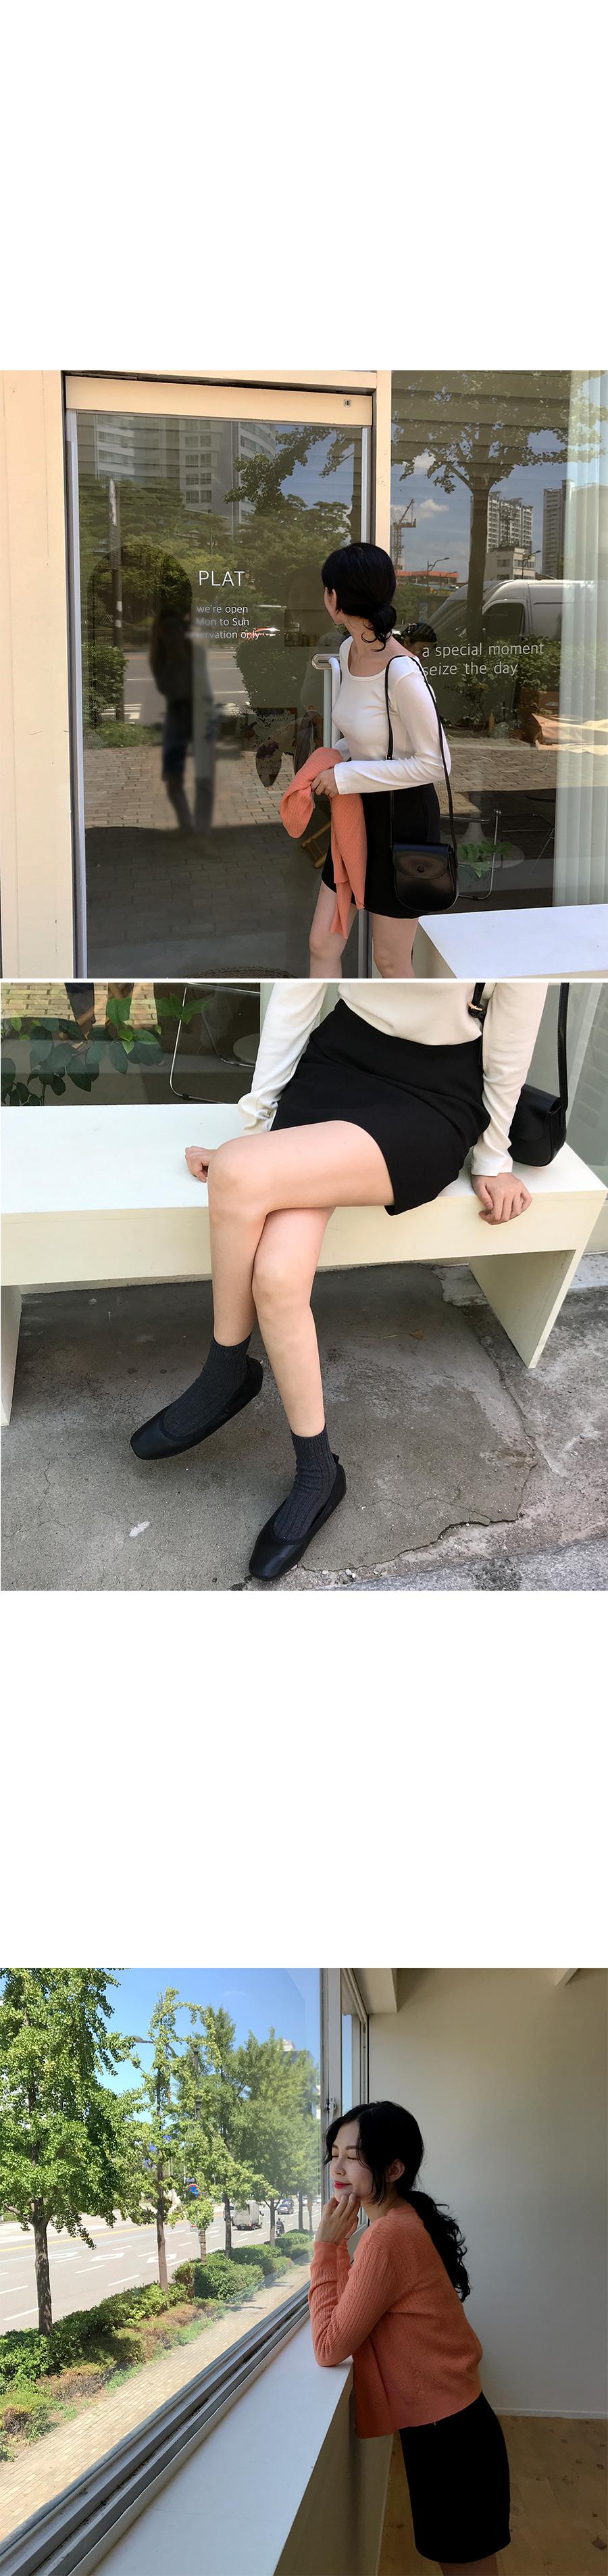 Sweet skirt